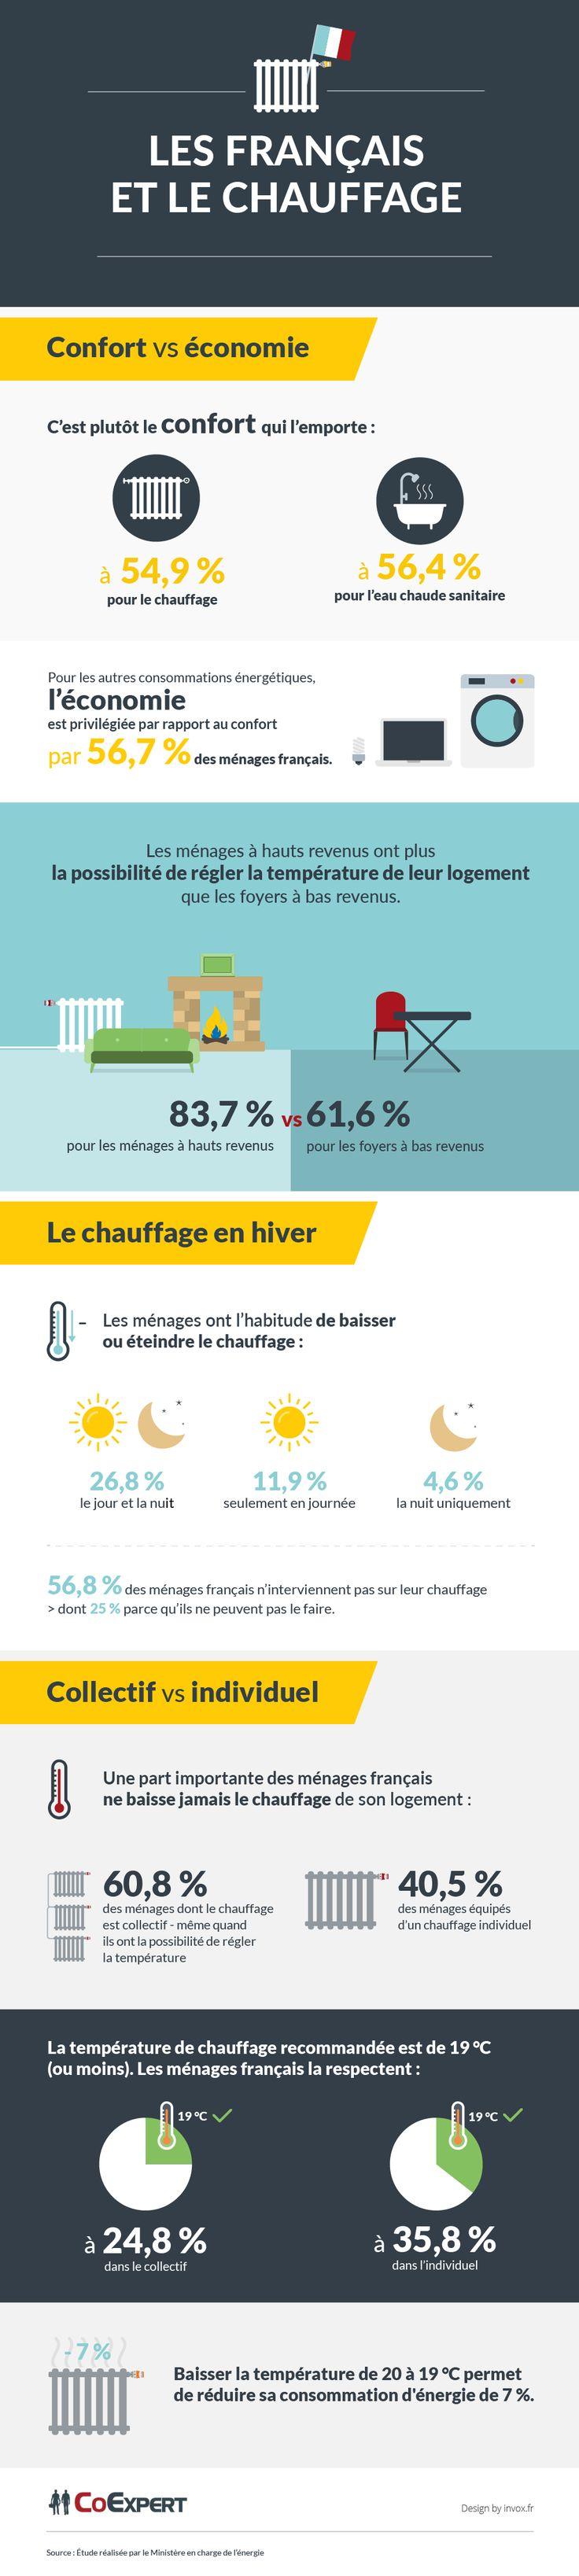 Les Français et le chauffage : #infographie #invox #Comap #contentmarketing #contentdesign #InvoxWeTrust